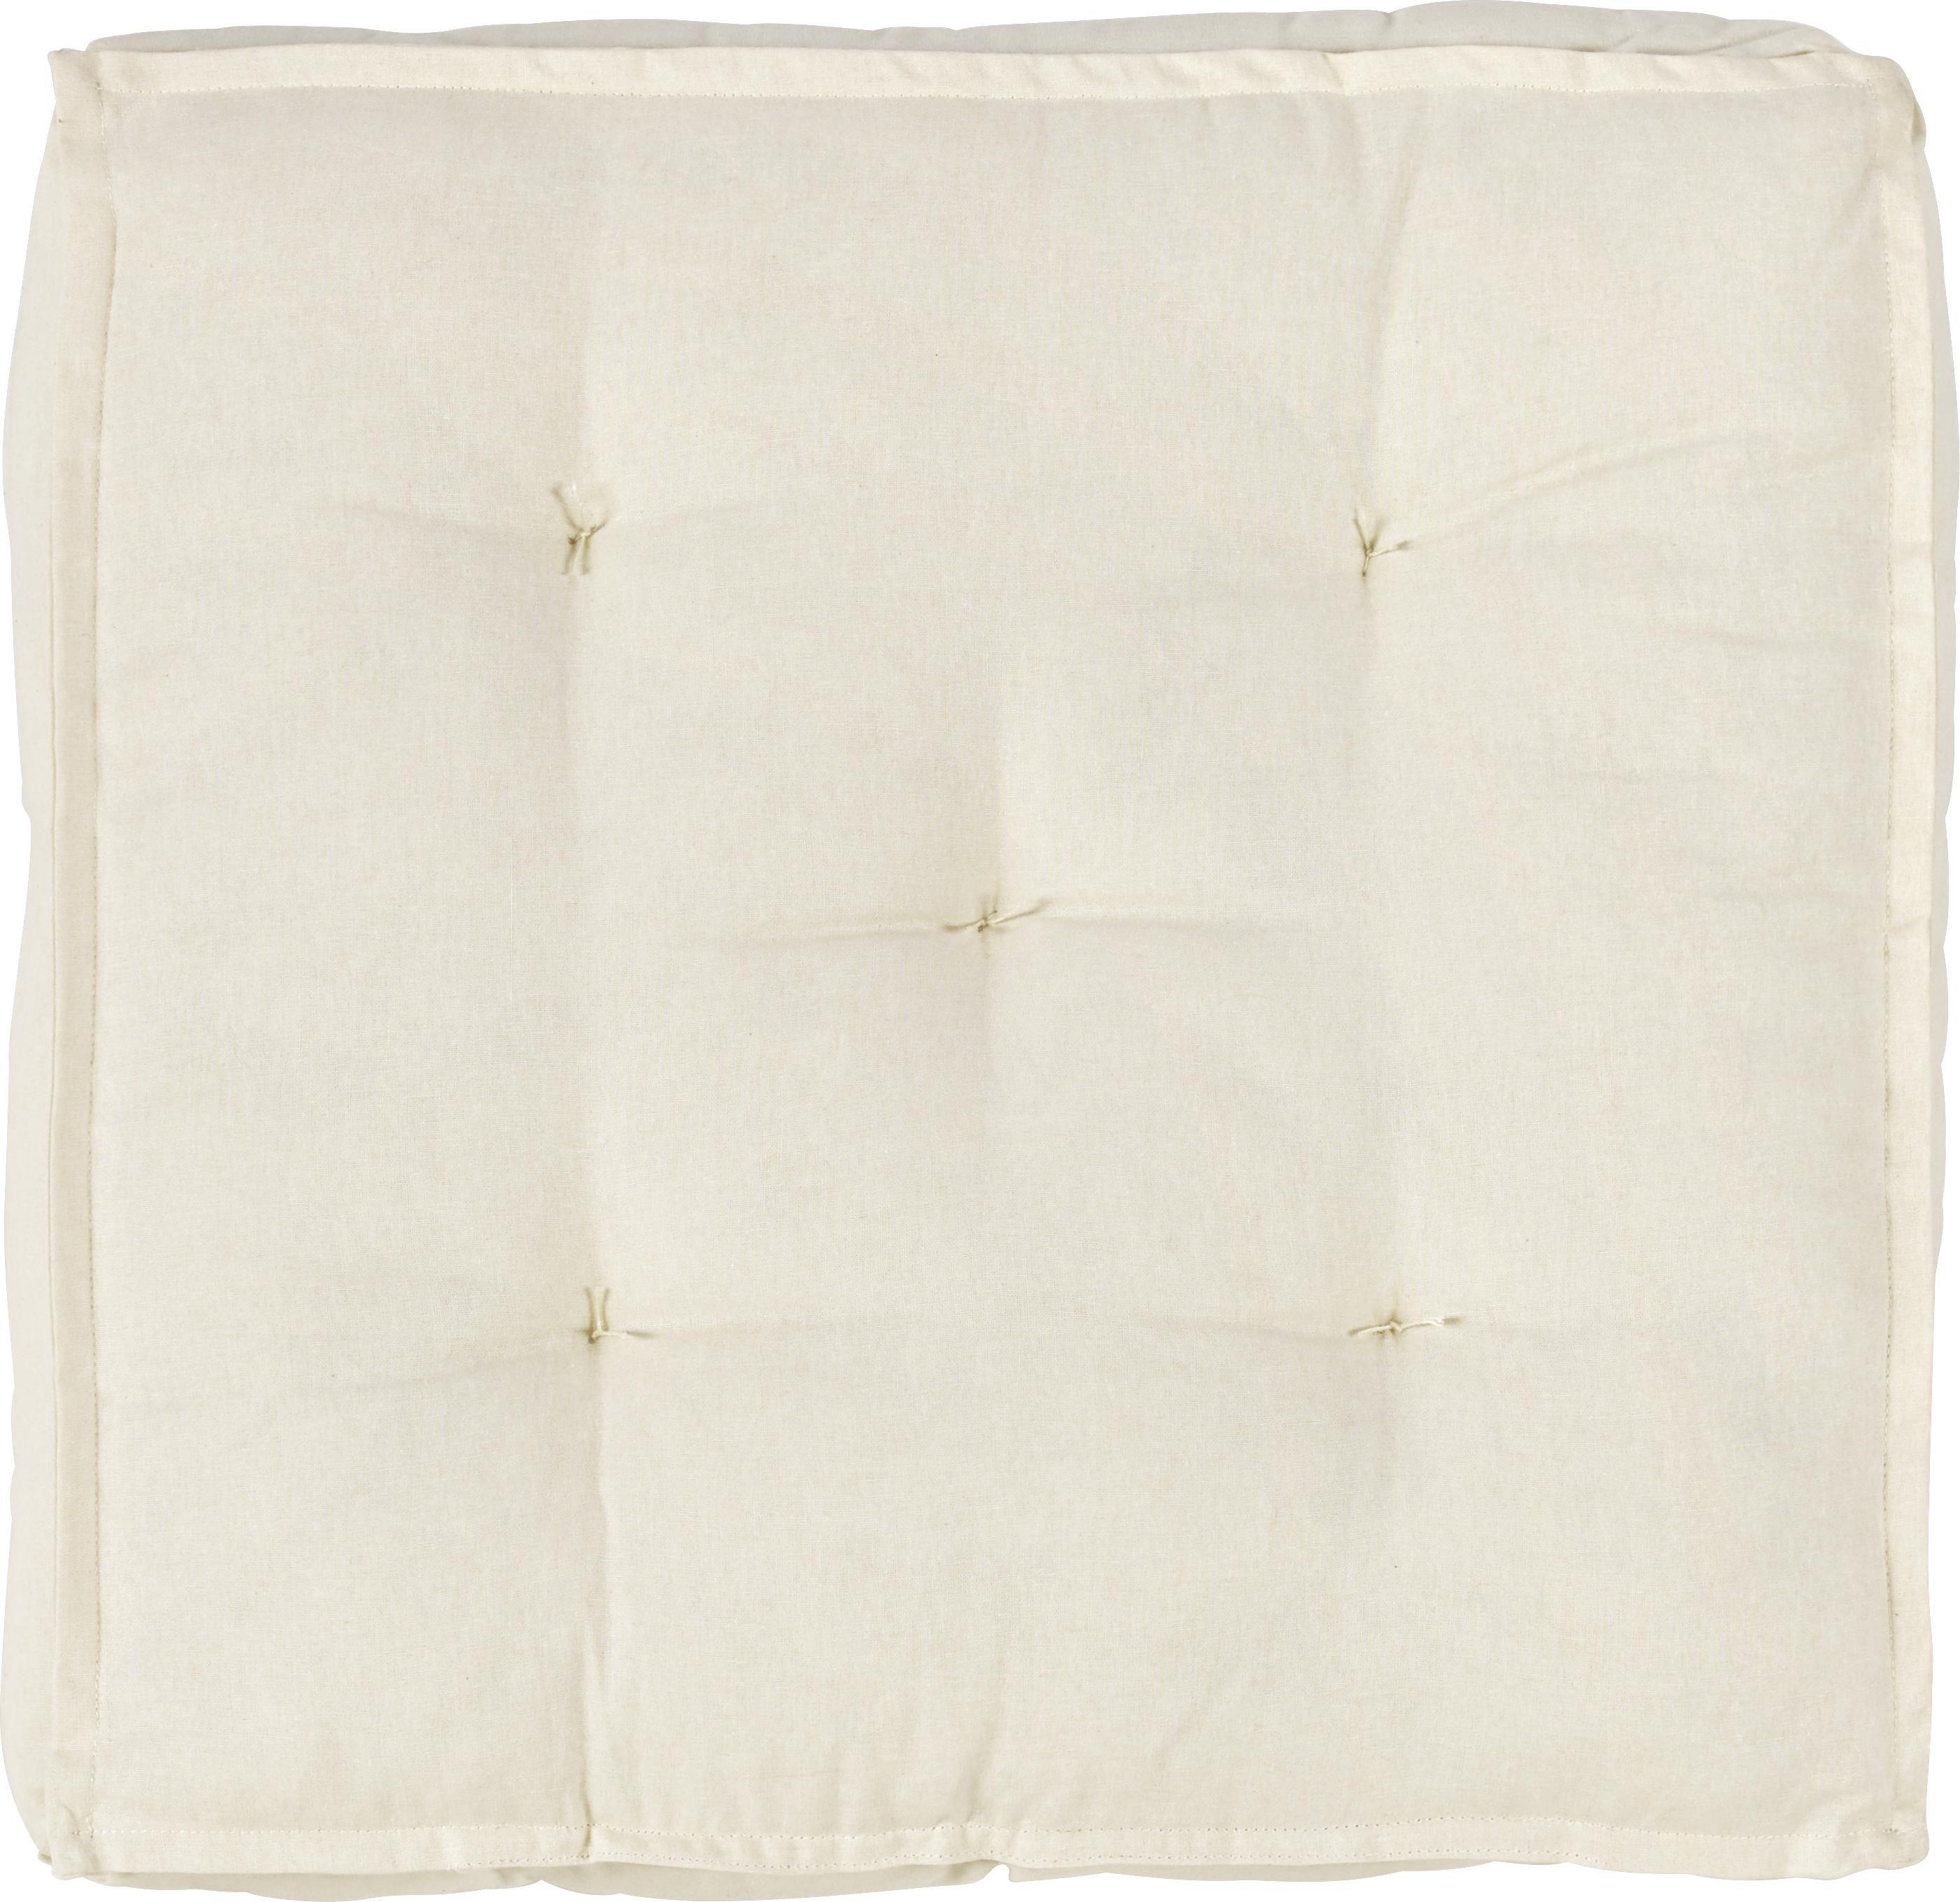 SITTDYNA - vit, Basics, textil (40/40/10cm) - Boxxx